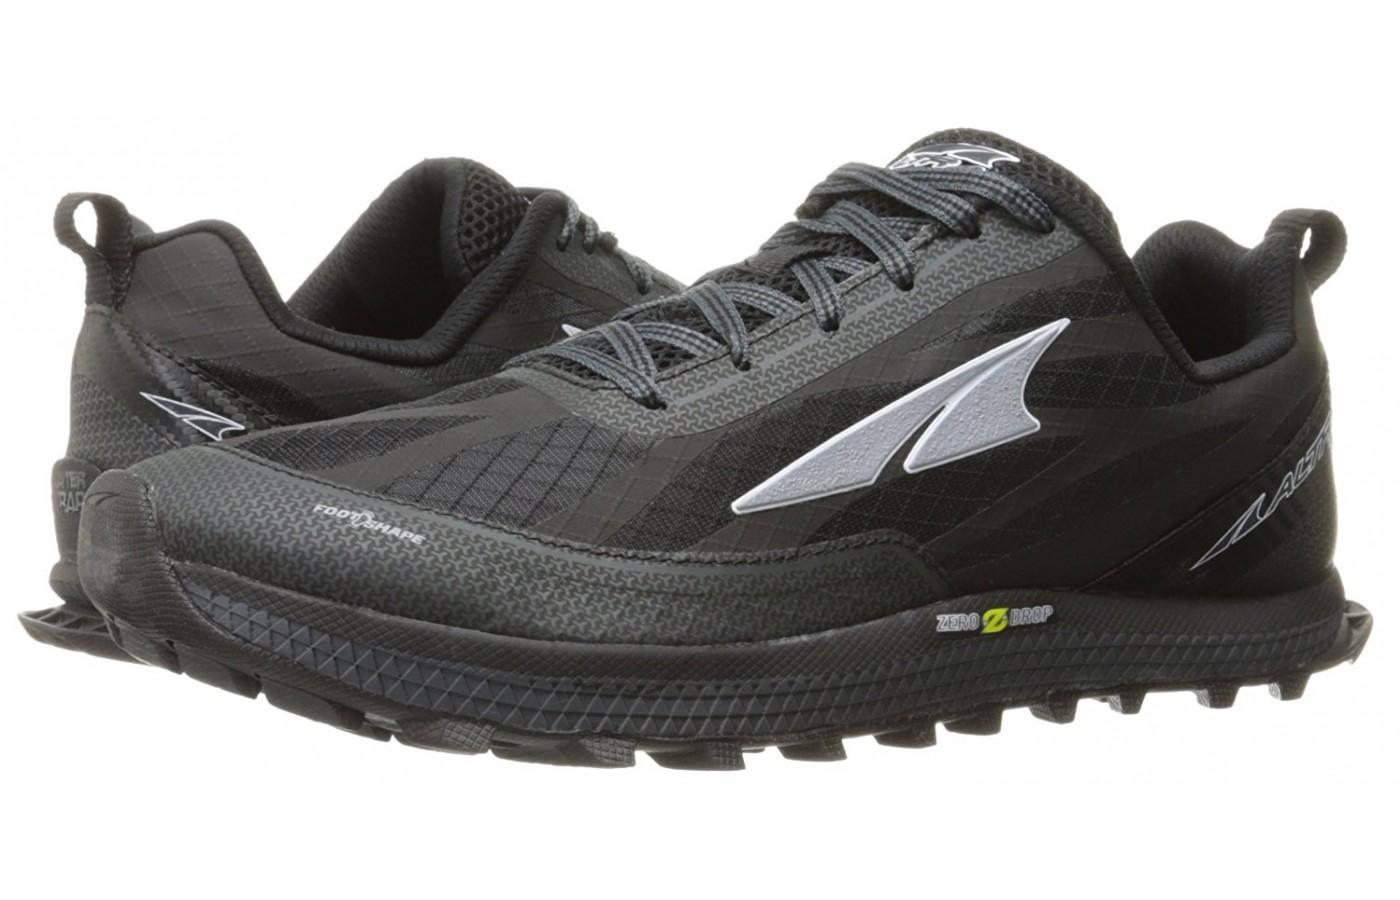 Altra Superior 3 pair